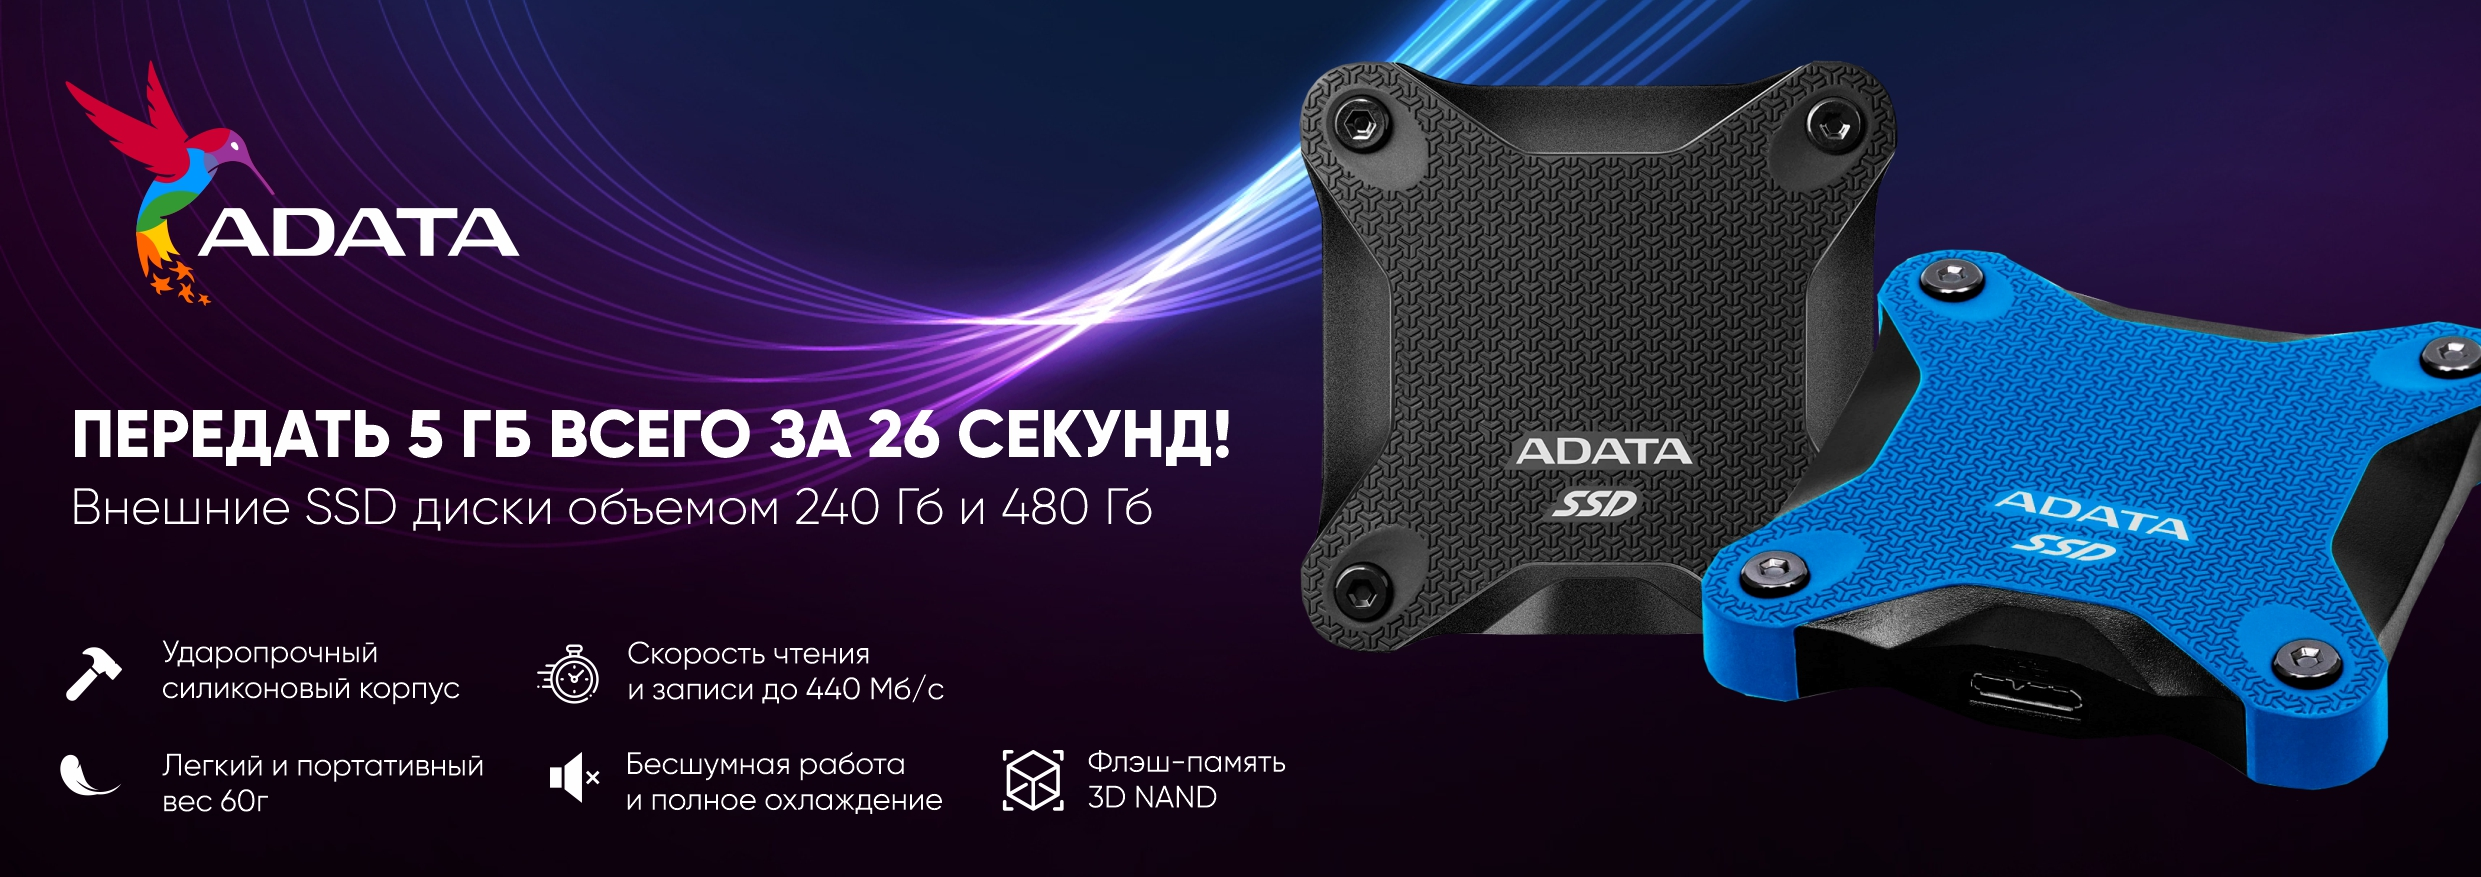 Если для вас важна оперативность – это как раз тот случай SD600Q!